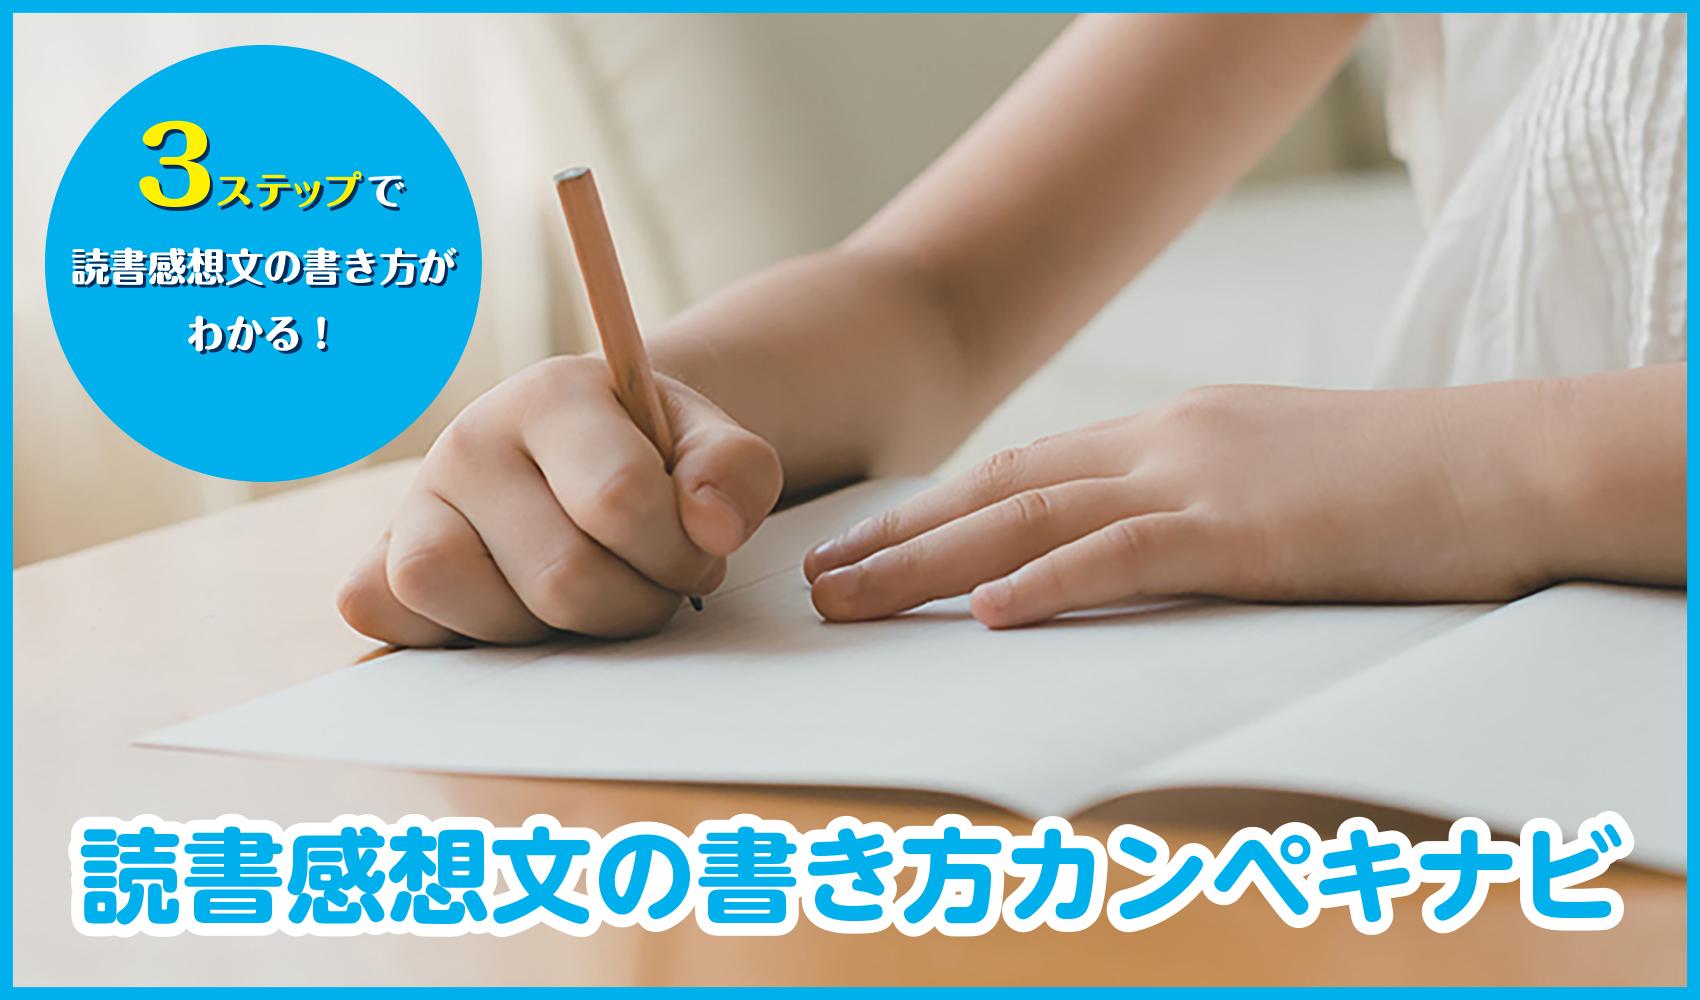 読書感想文の書き方カンペキナビ